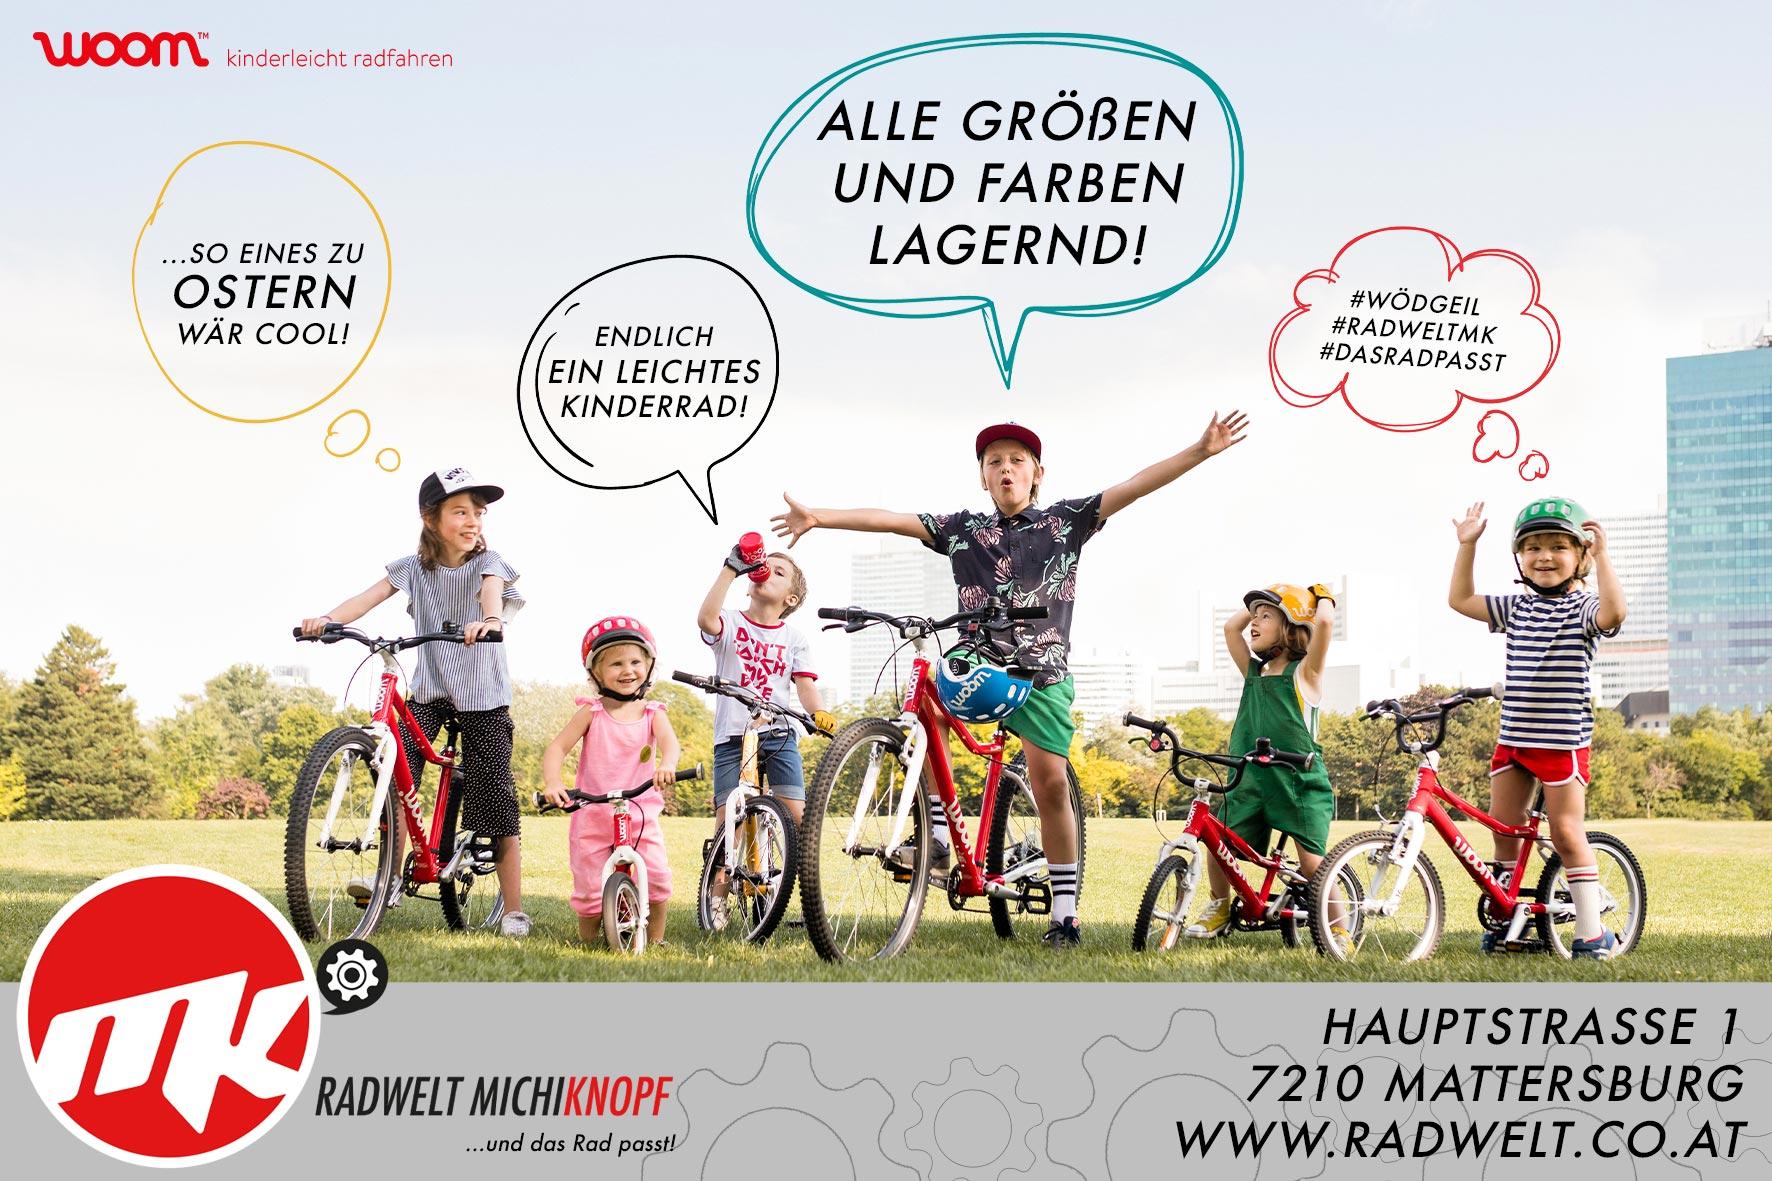 Grafik und Design vereint bei der Woom Plakatwand für die Radwelt MichiKnopf